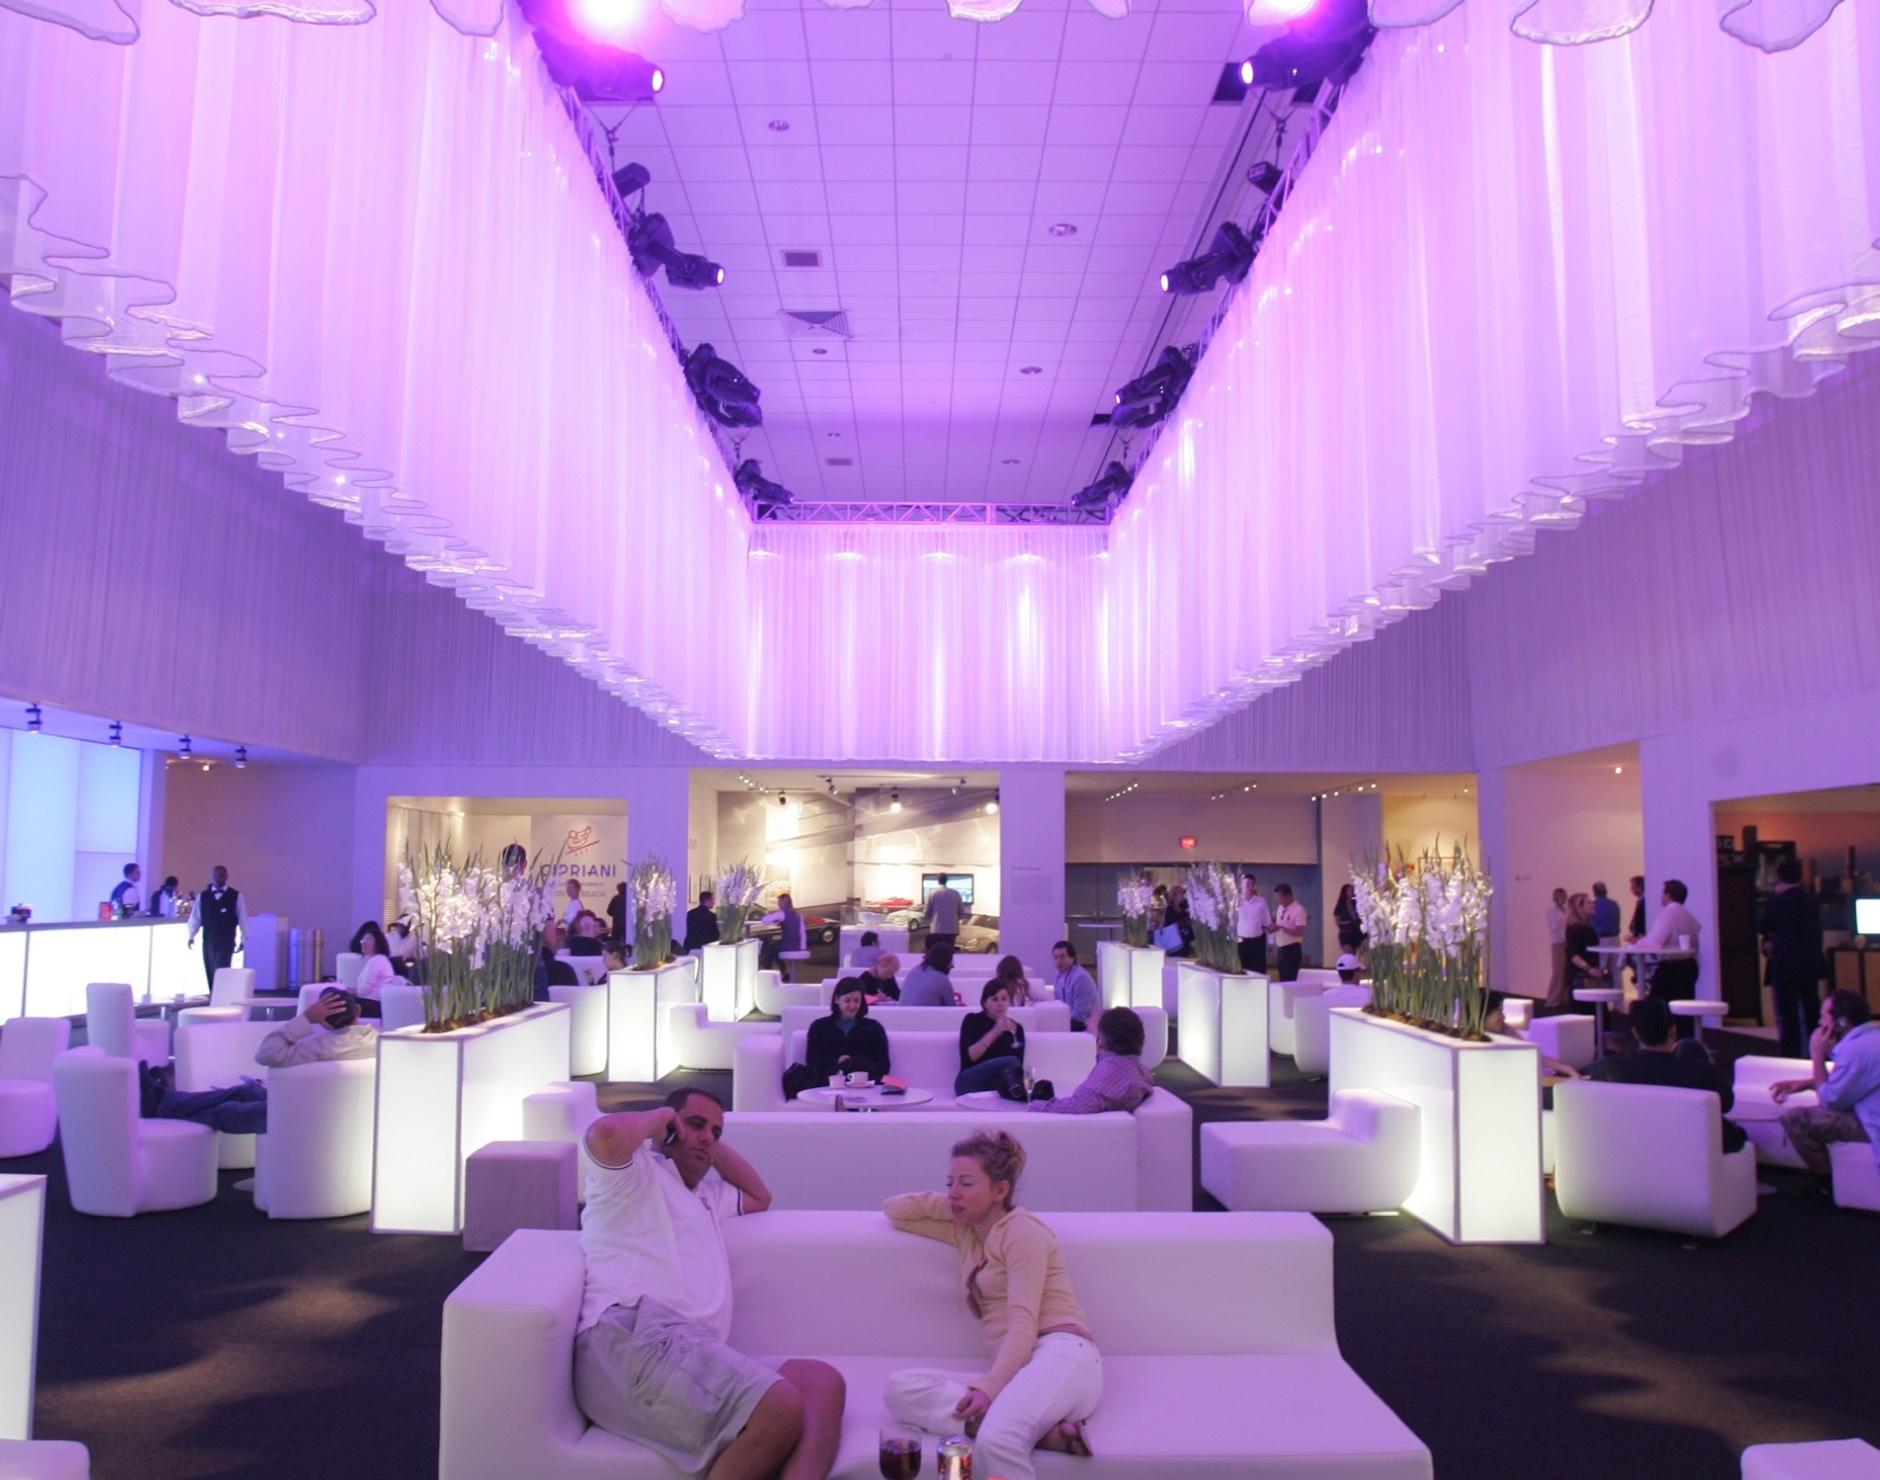 Expo pavillon bertelsmann cor - Innenarchitekt braunschweig ...